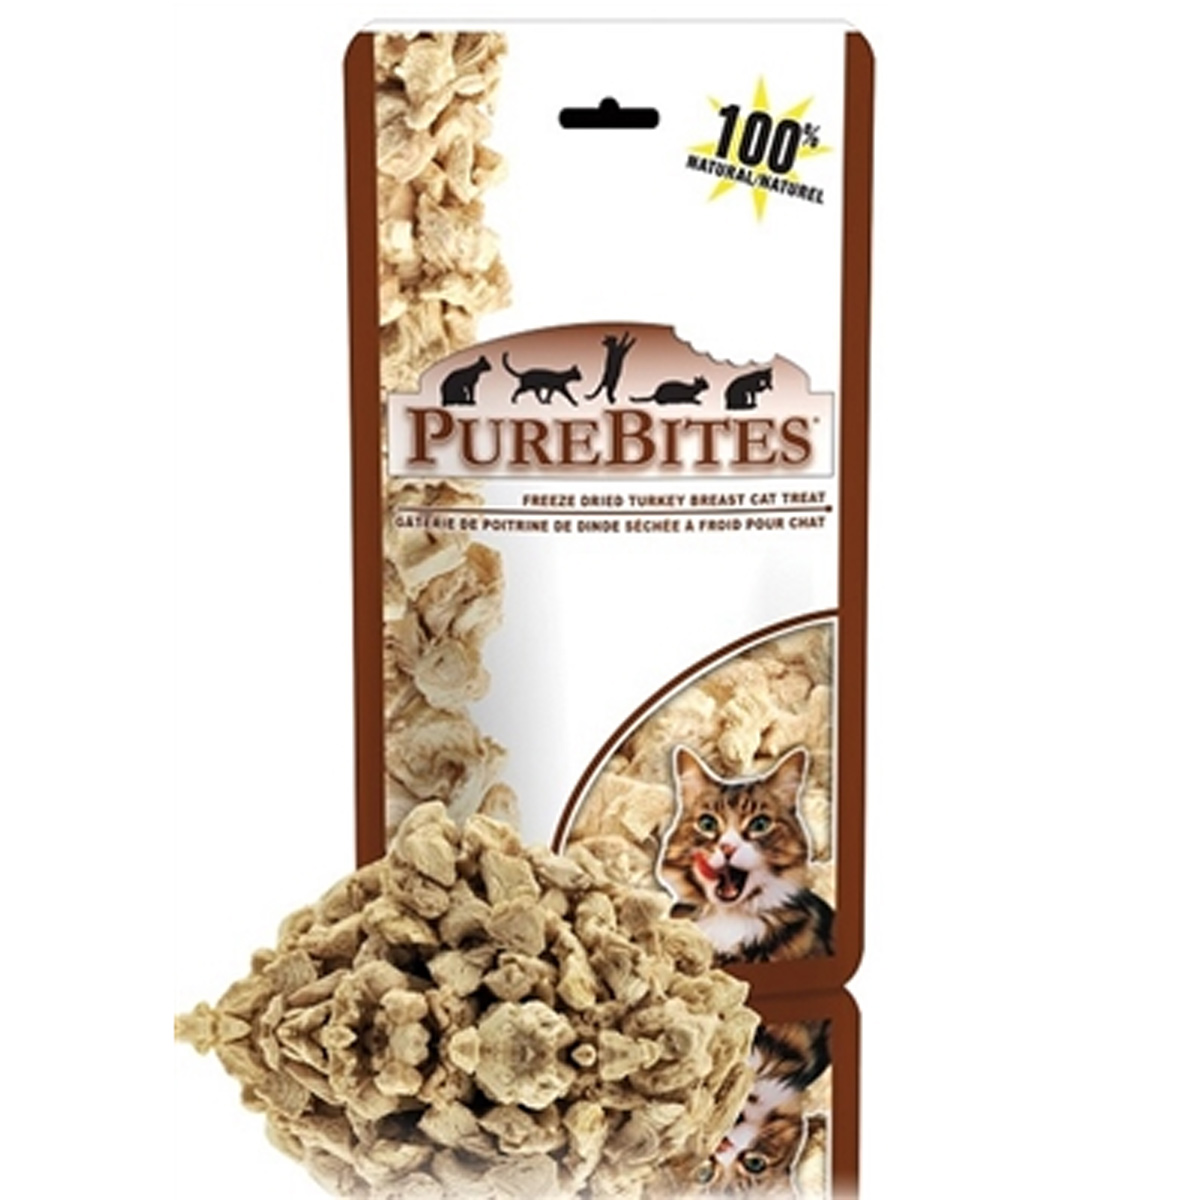 PureBites Cat Treats - Turkey Breast